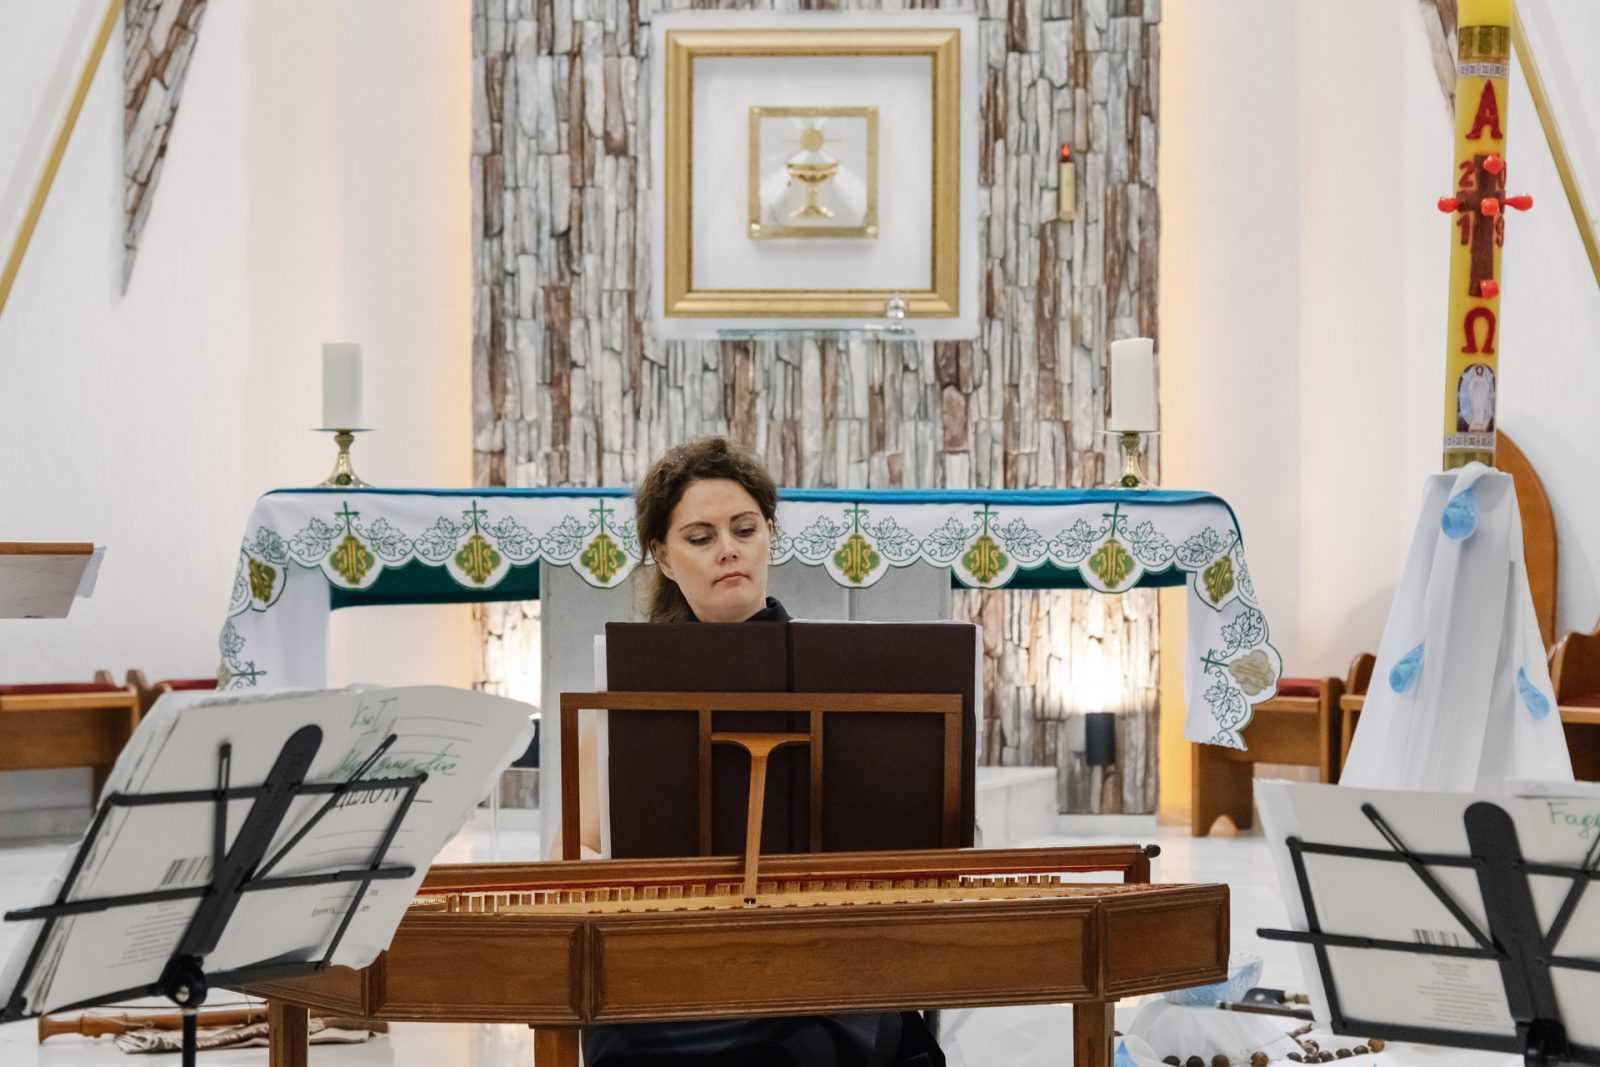 Музыка в храме КОНЦЕРТ «МАСТЕРА БАРОККО» 26.10.2019 9